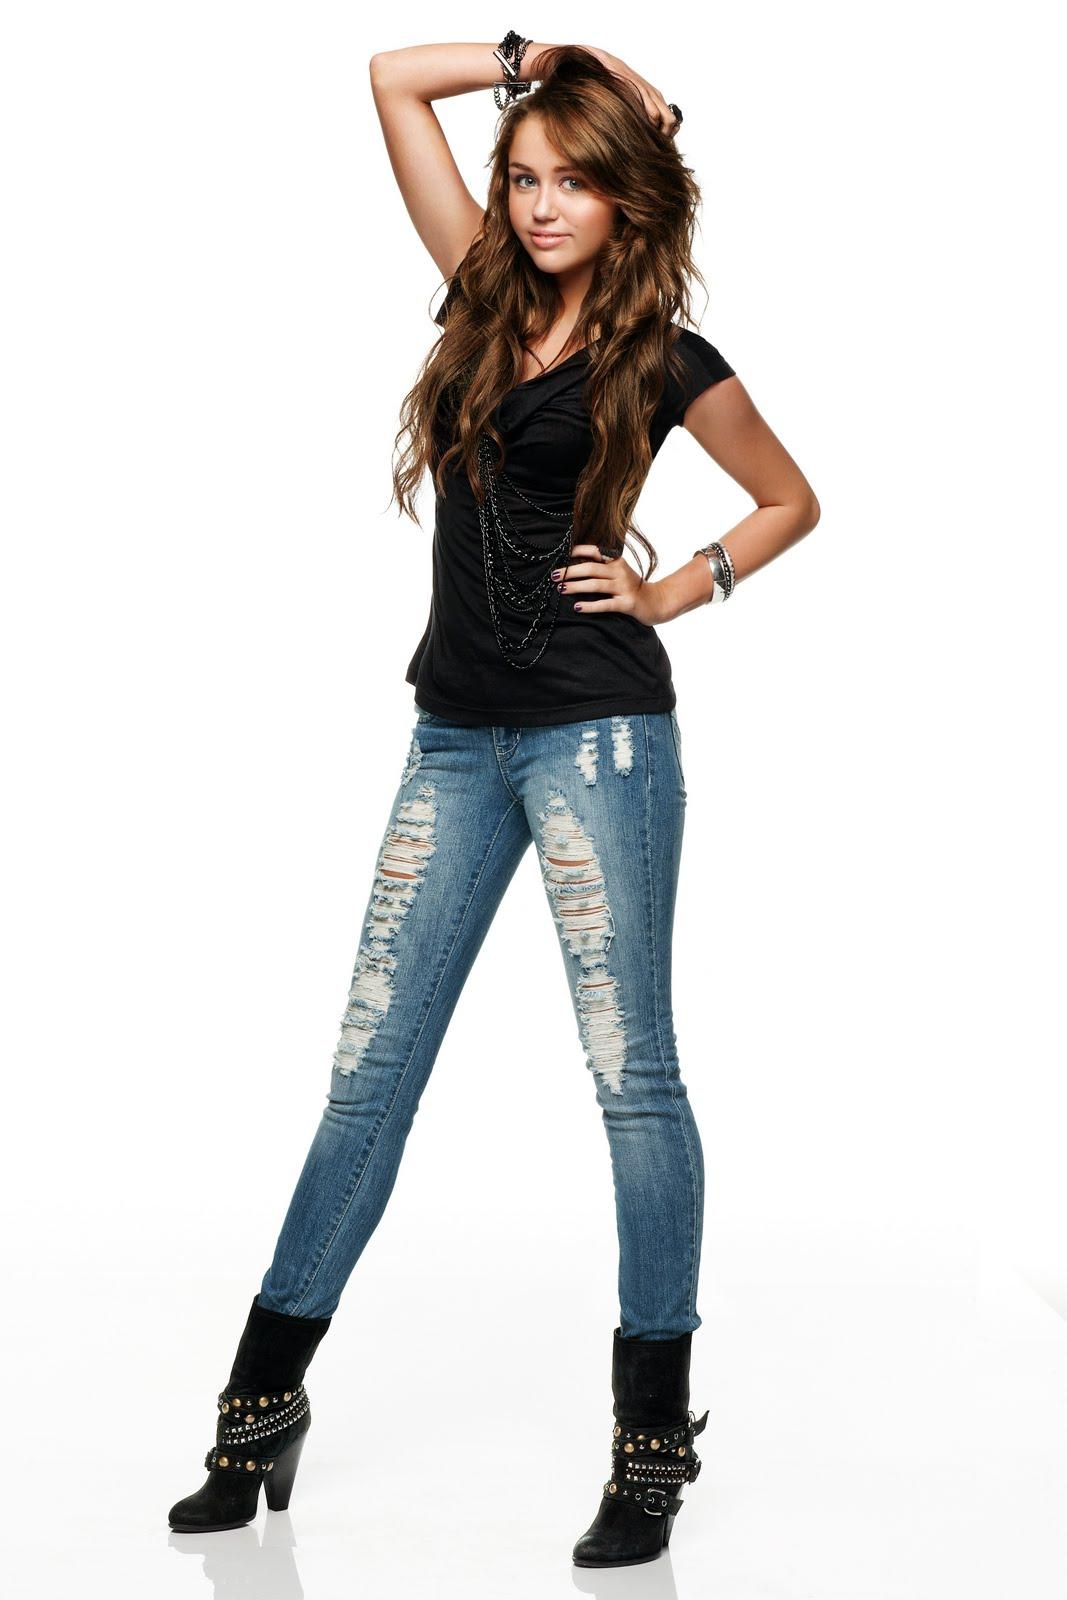 http://3.bp.blogspot.com/_U4WHdC84WW4/S-wGJsP63xI/AAAAAAAAAYA/UzMOLsBE1EM/s1600/Miley+Cyrus+-+Walmart+Clothing+Photoshoot+01.jpg